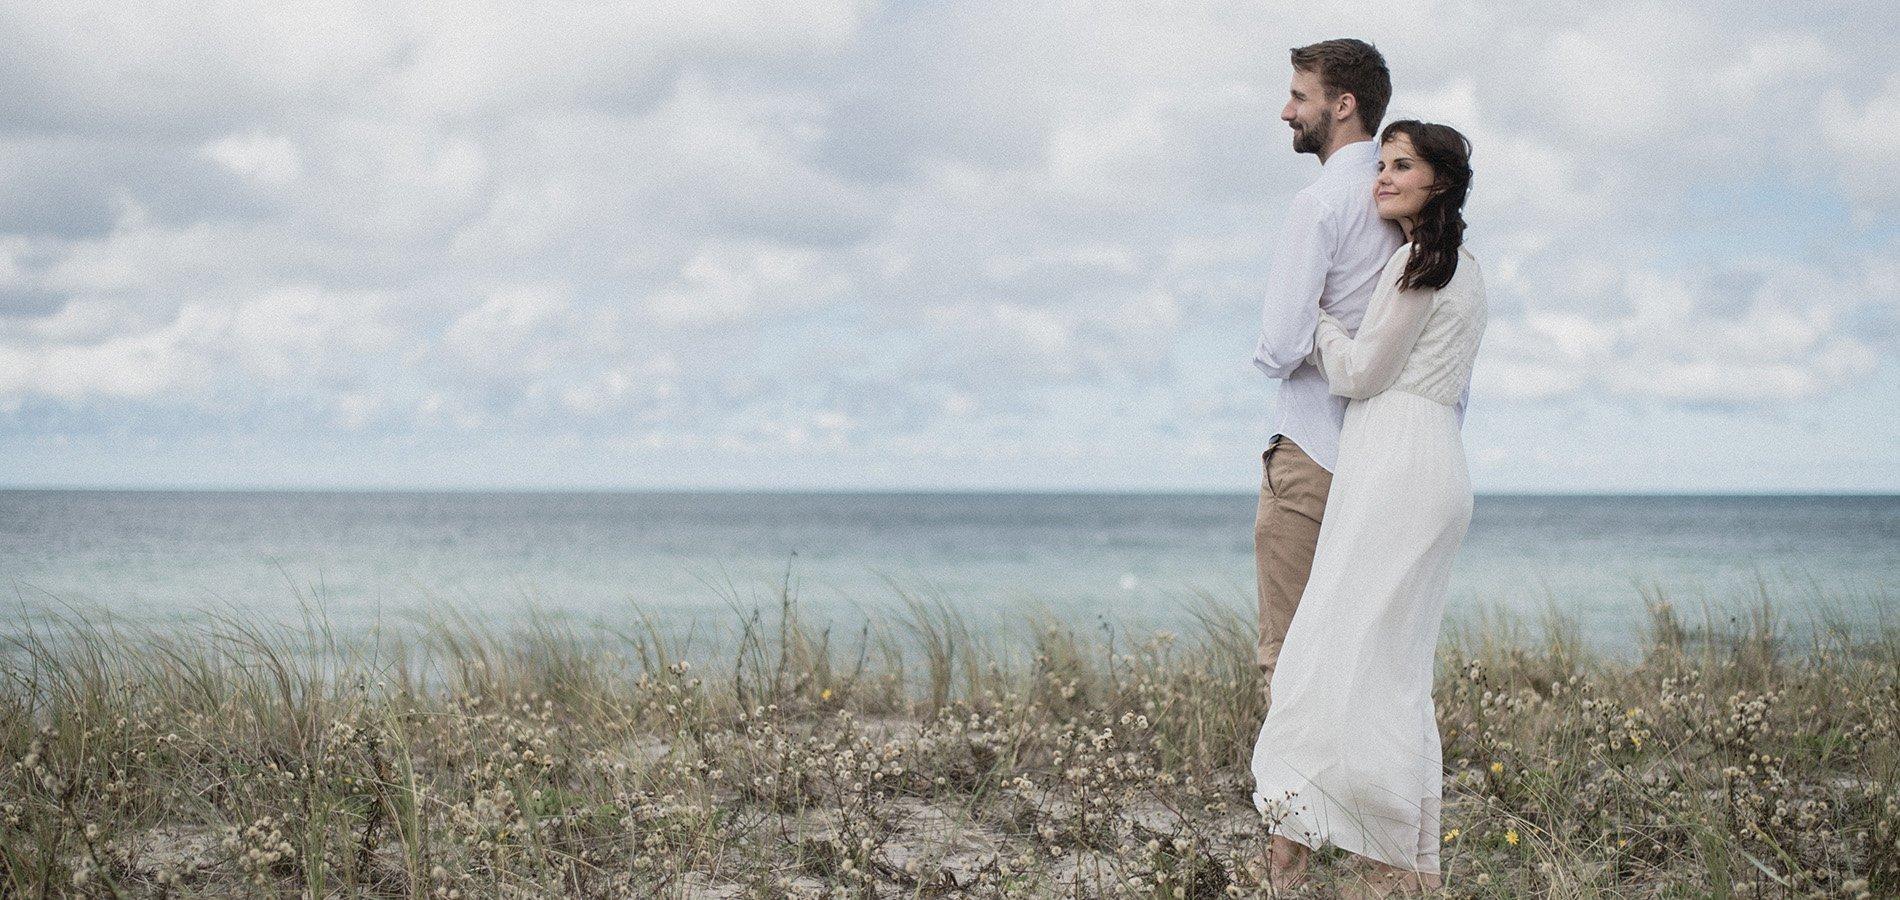 Heiraten Am Strand Von Ahrenshoop – Einsam Und Intim